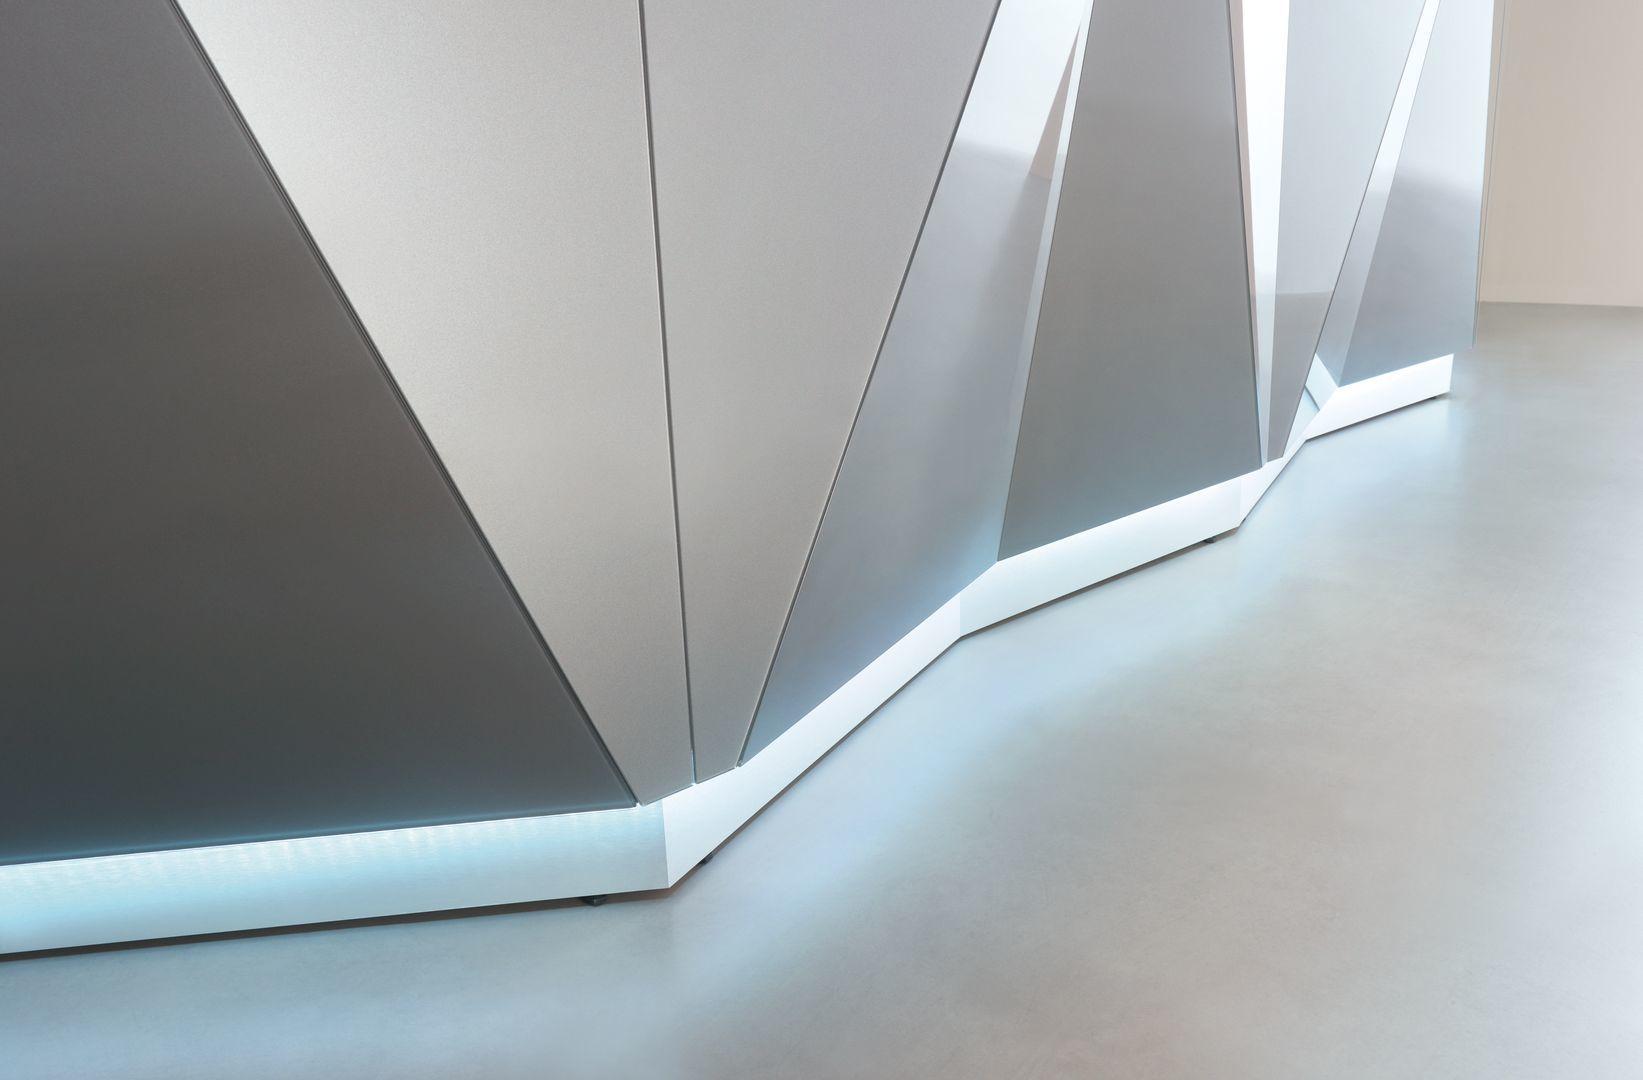 empfangstheken guenstig museum hochglanz weis musuem details front